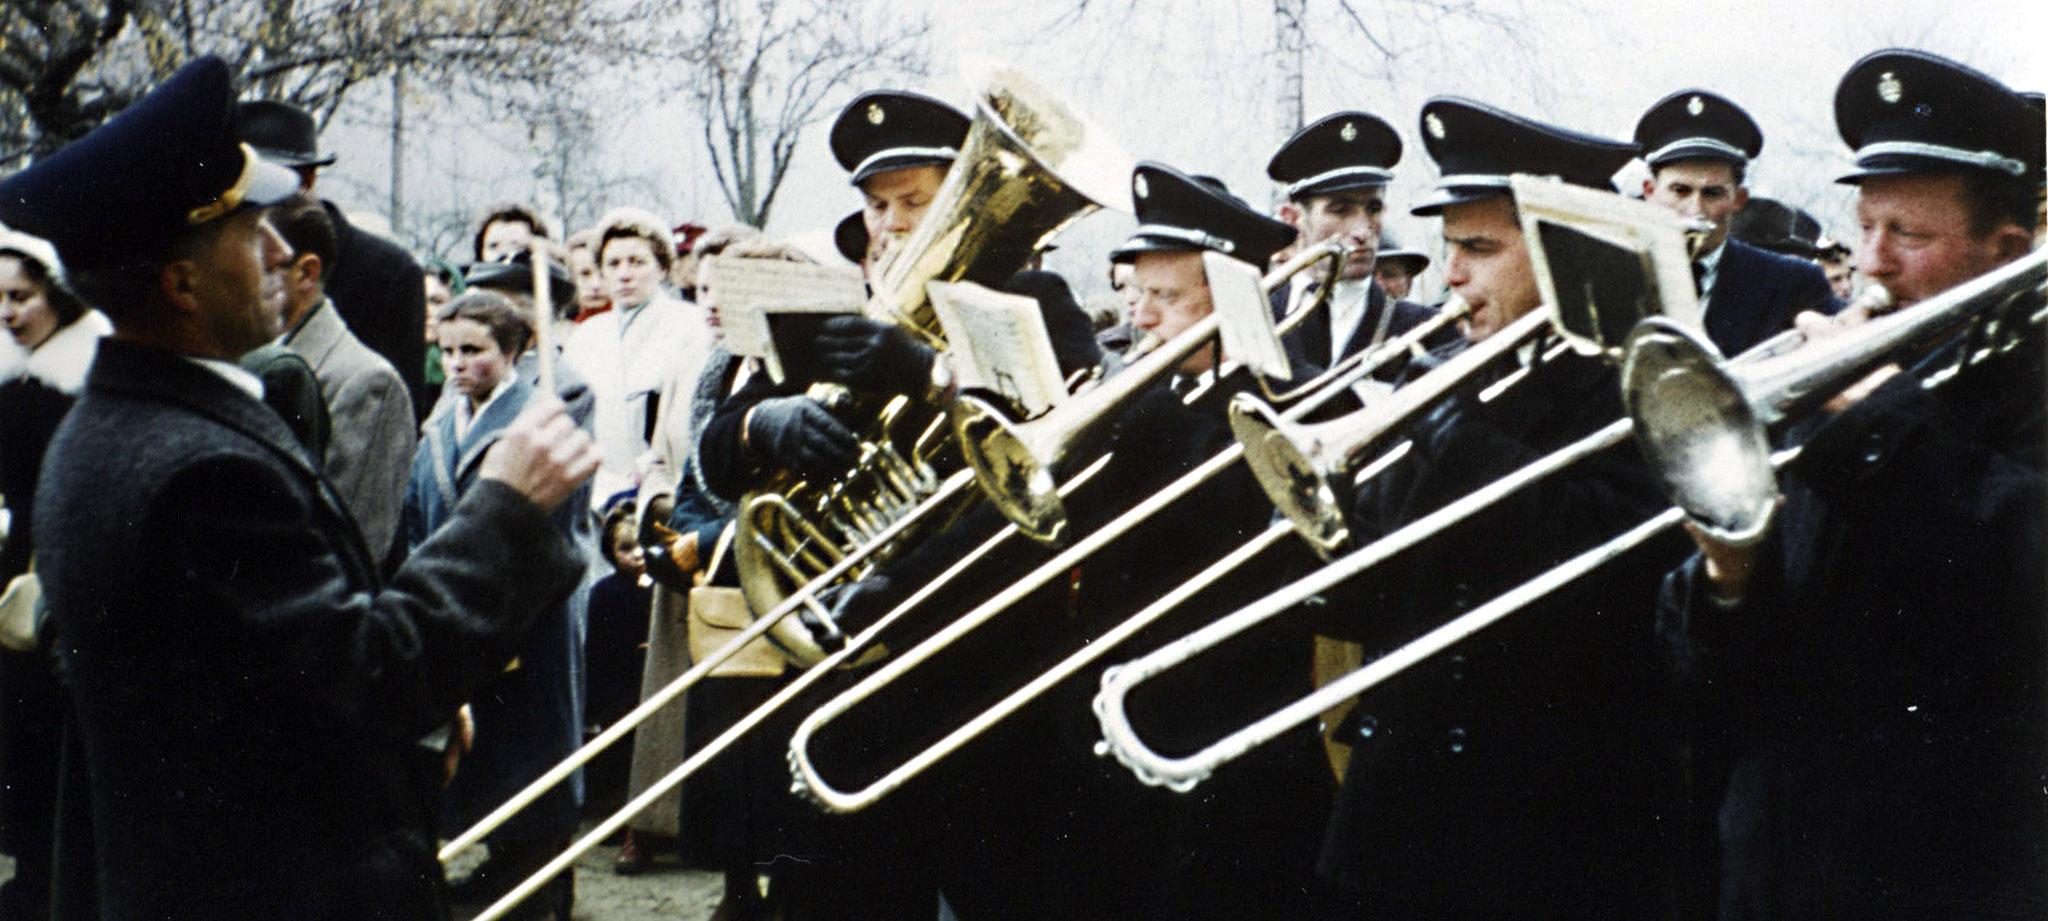 1958.11.27 - Weihe d. neuen Schule i. Epf.-2